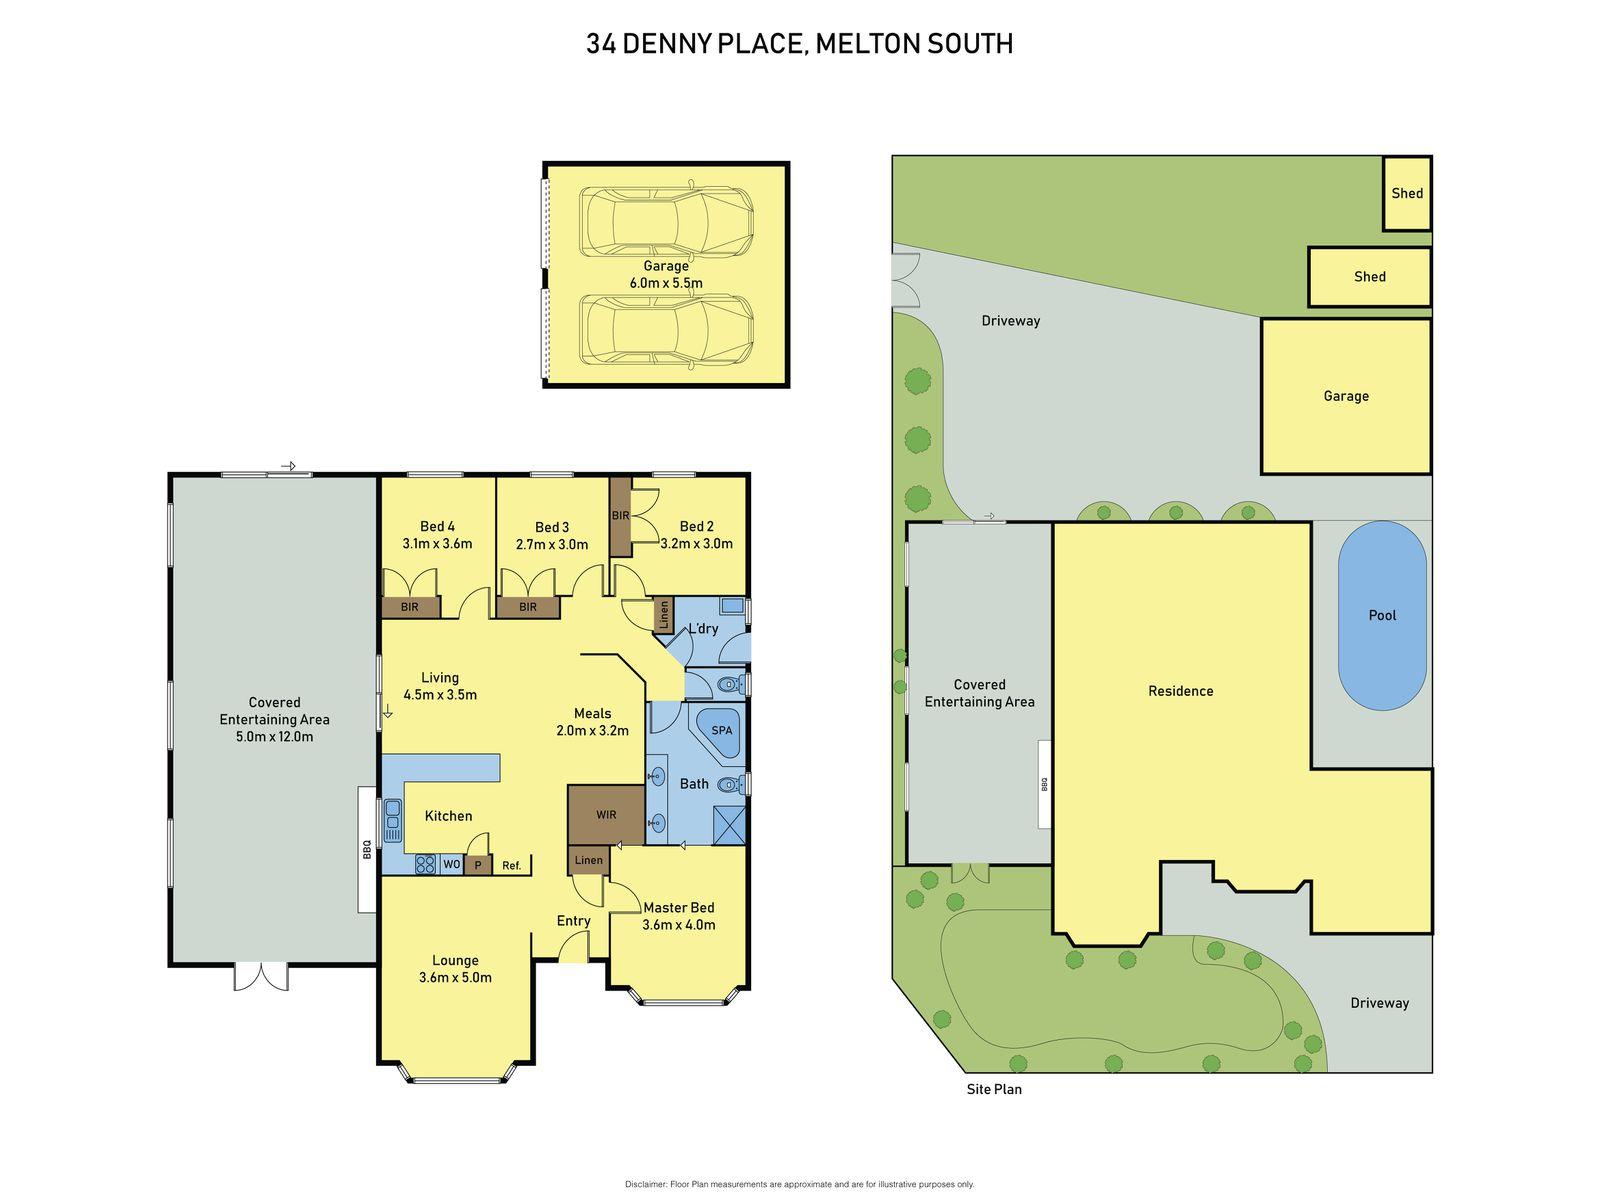 34 Denny Place, Melton South